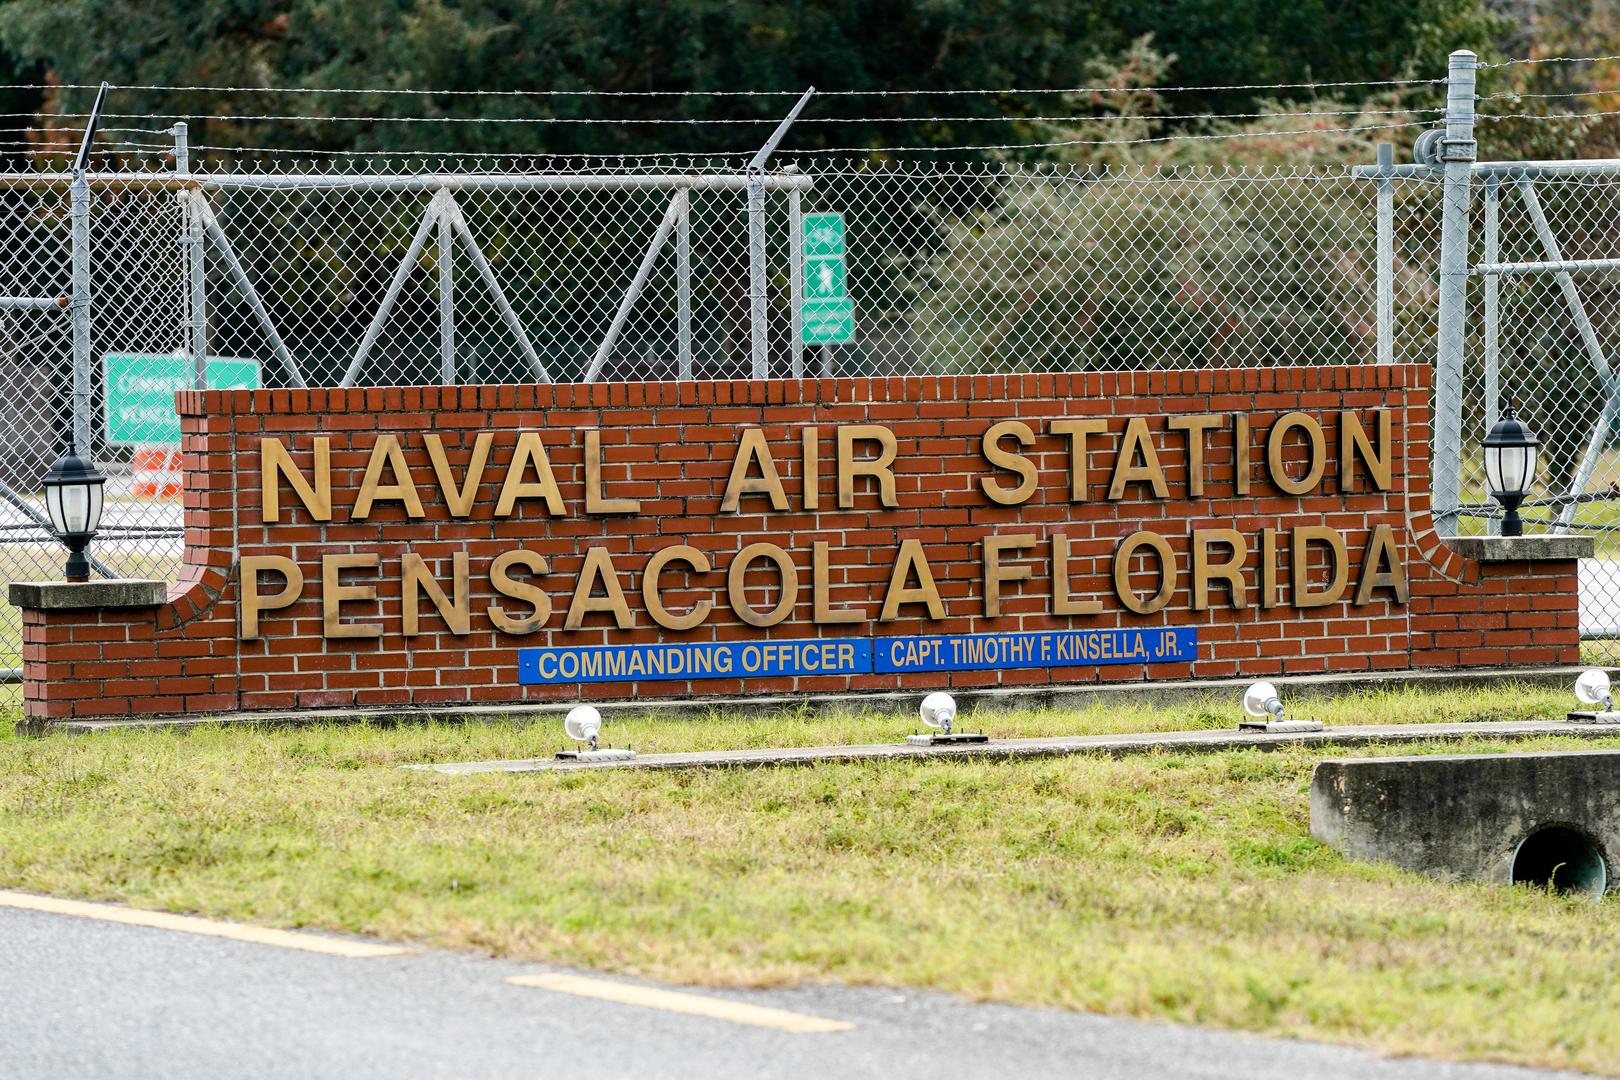 وزير الدفاع الأمريكي: لا أستطيع القول إن هجوم فلوريدا إرهابي وعلينا انتظار التحقيق